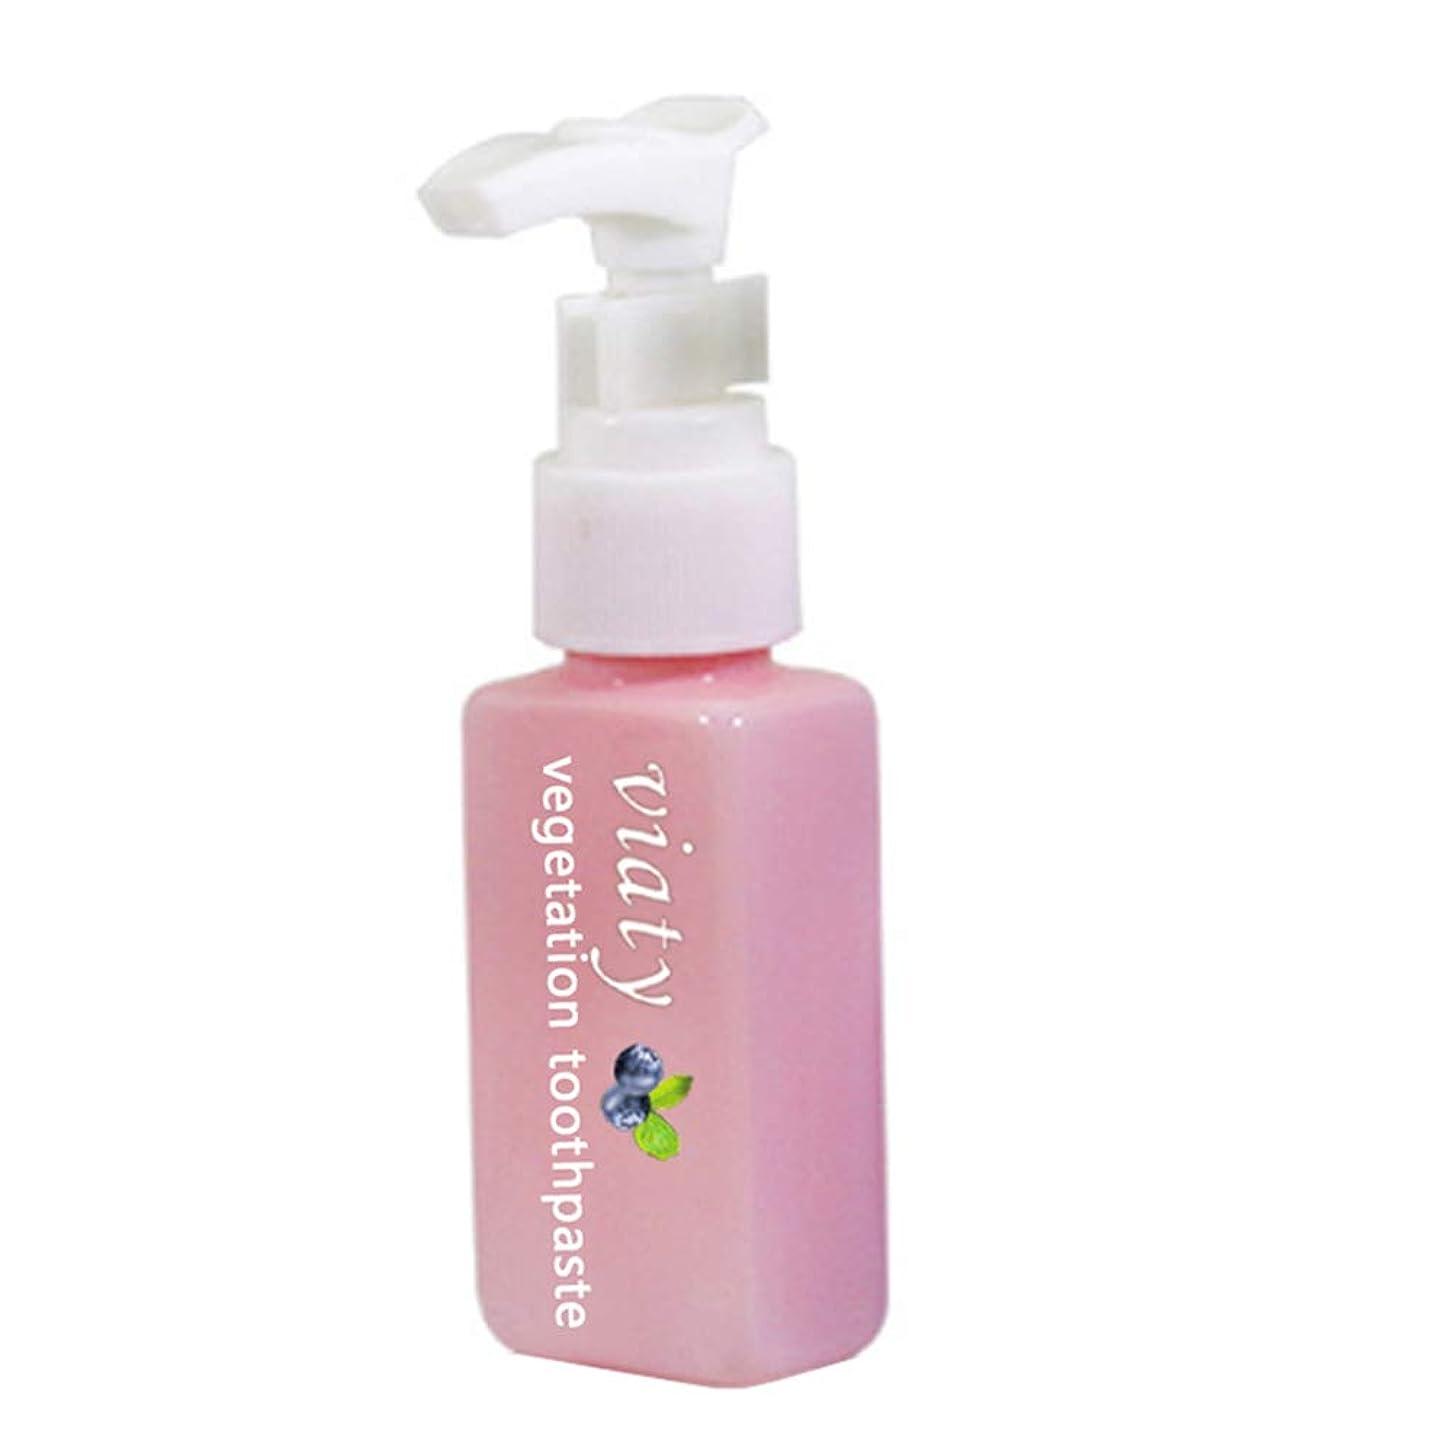 輸血より目指すJuSop歯磨き粉アンチブリードガムプレスタイプ新鮮な歯磨き粉を白くする汚れ除去剤